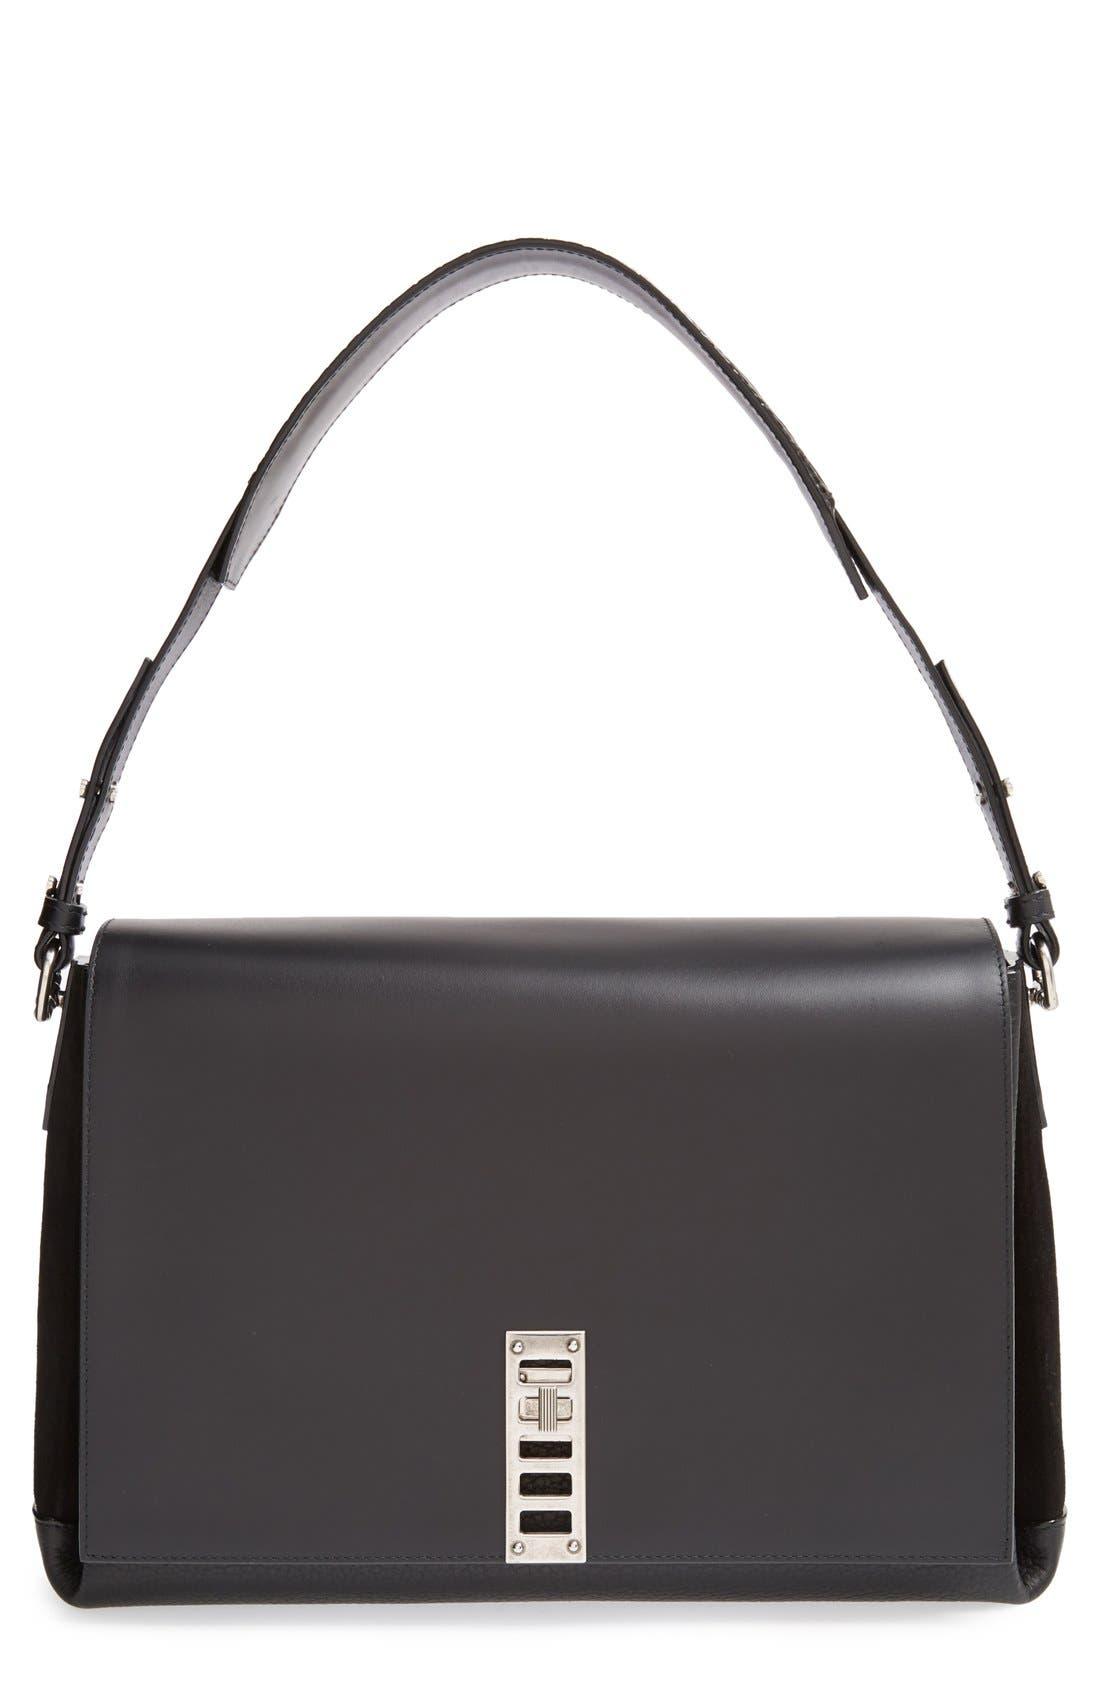 Alternate Image 1 Selected - Proenza Schouler 'Elliot' Leather Shoulder Bag